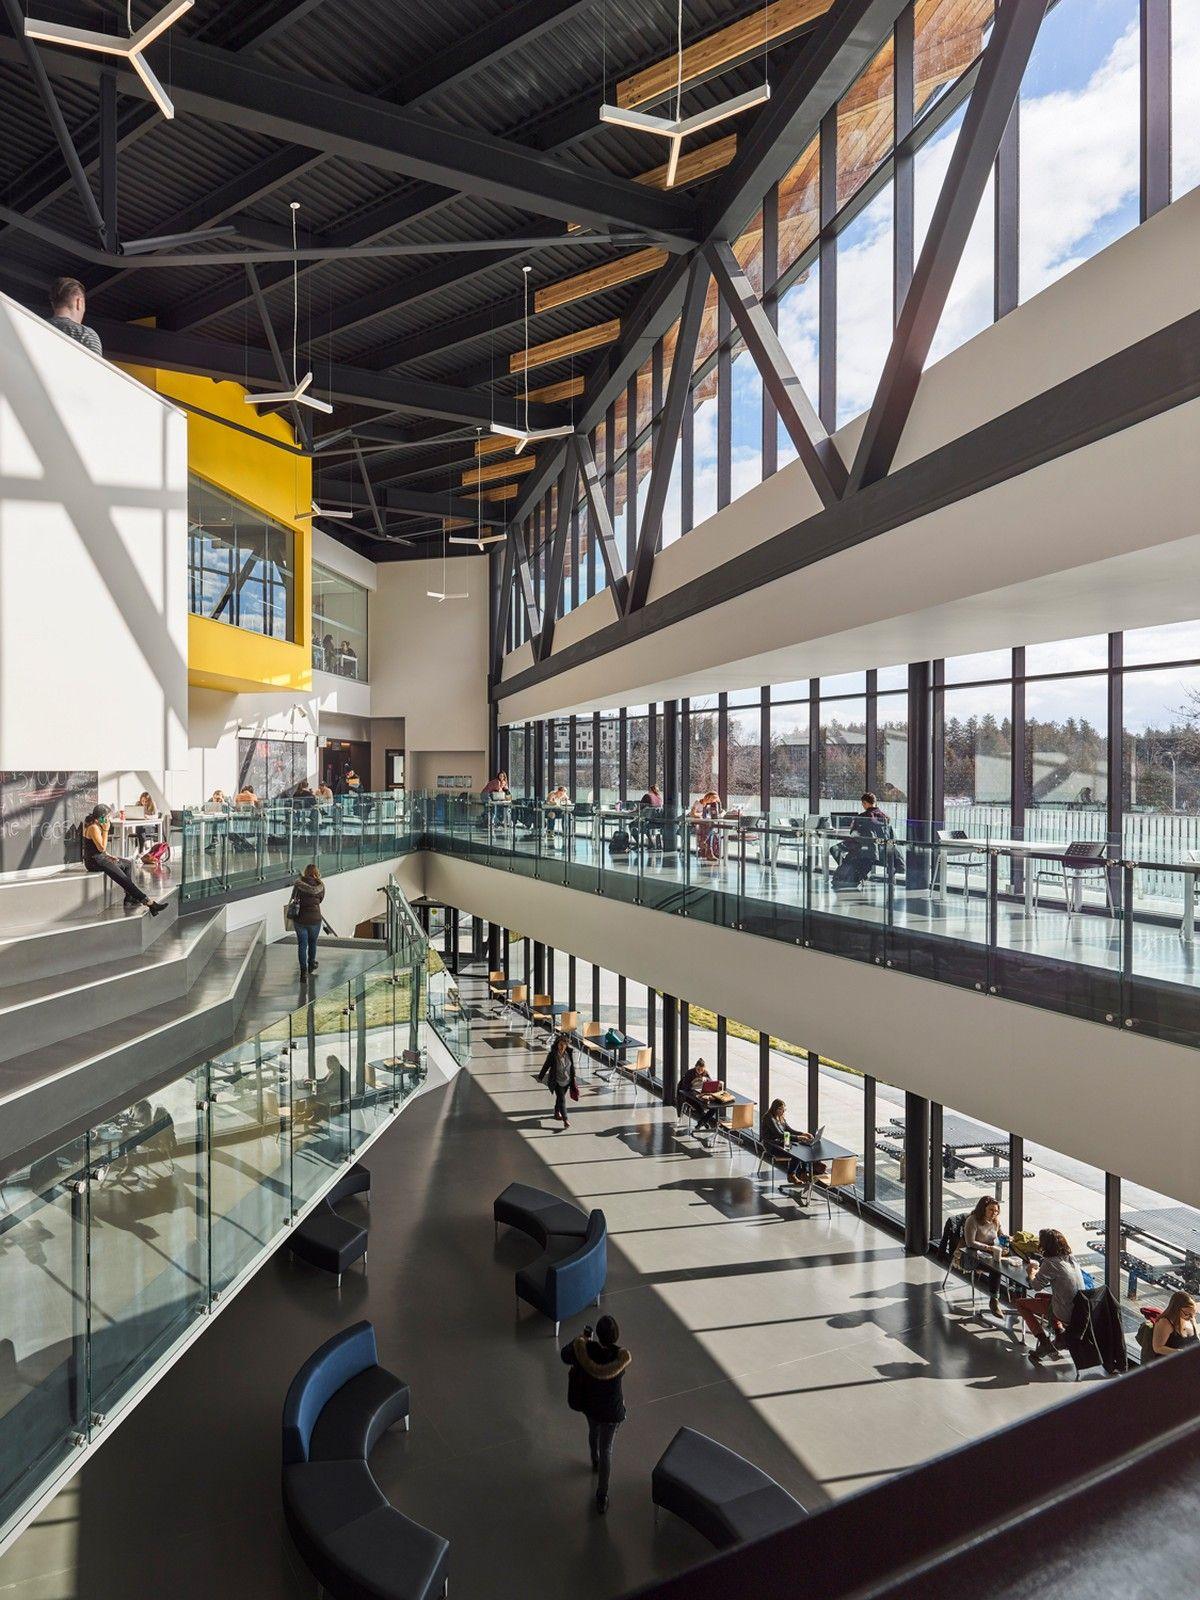 Trent University Student Center